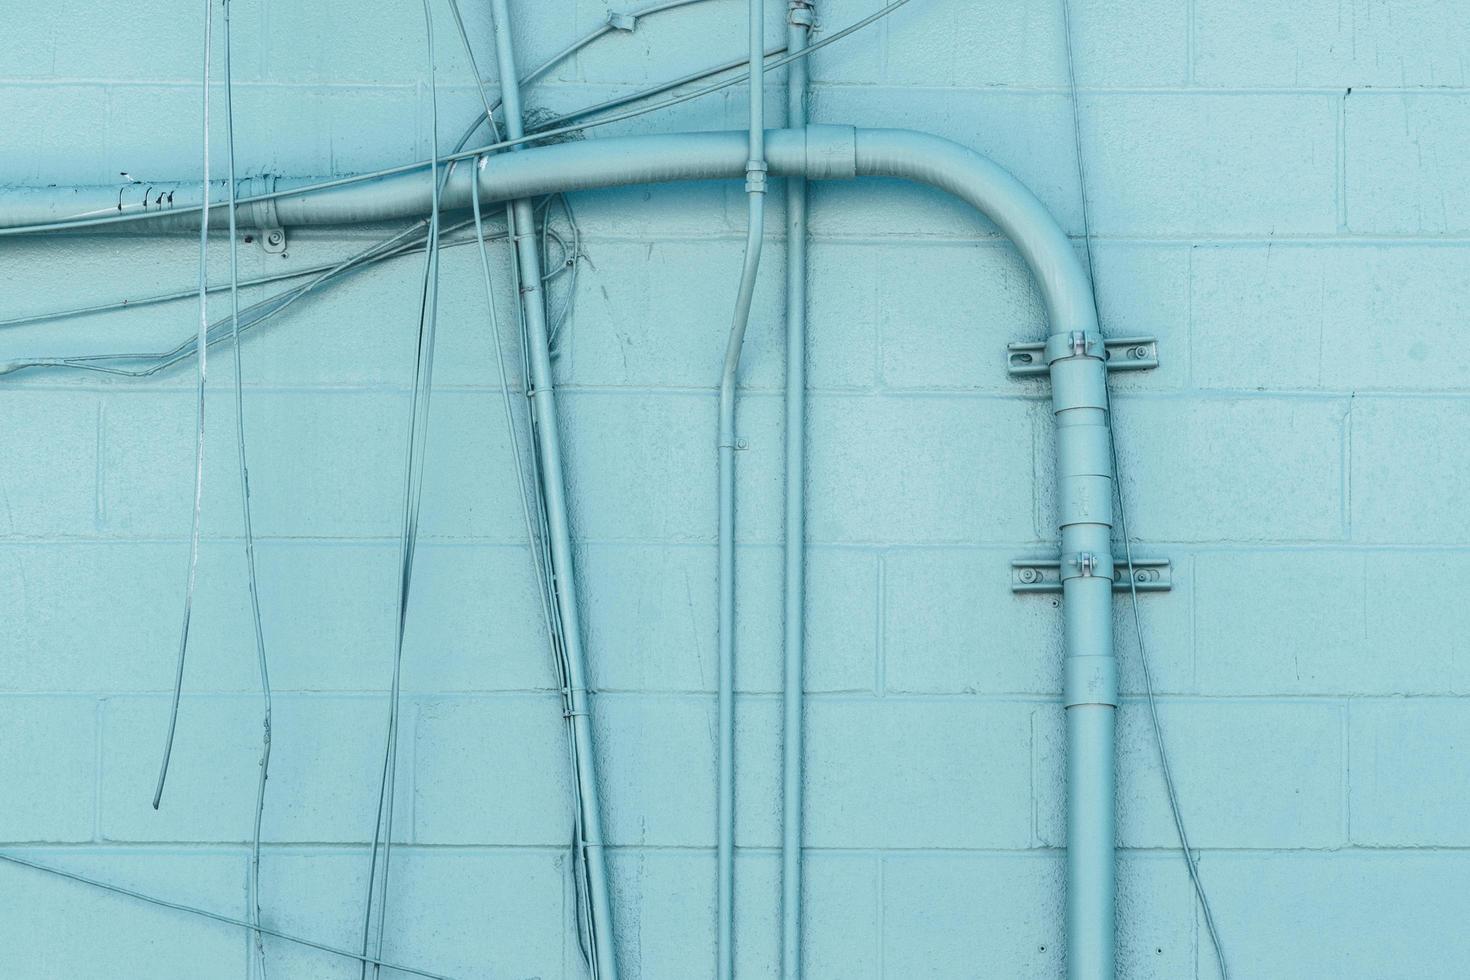 blaue Wand mit Rohrsystem foto